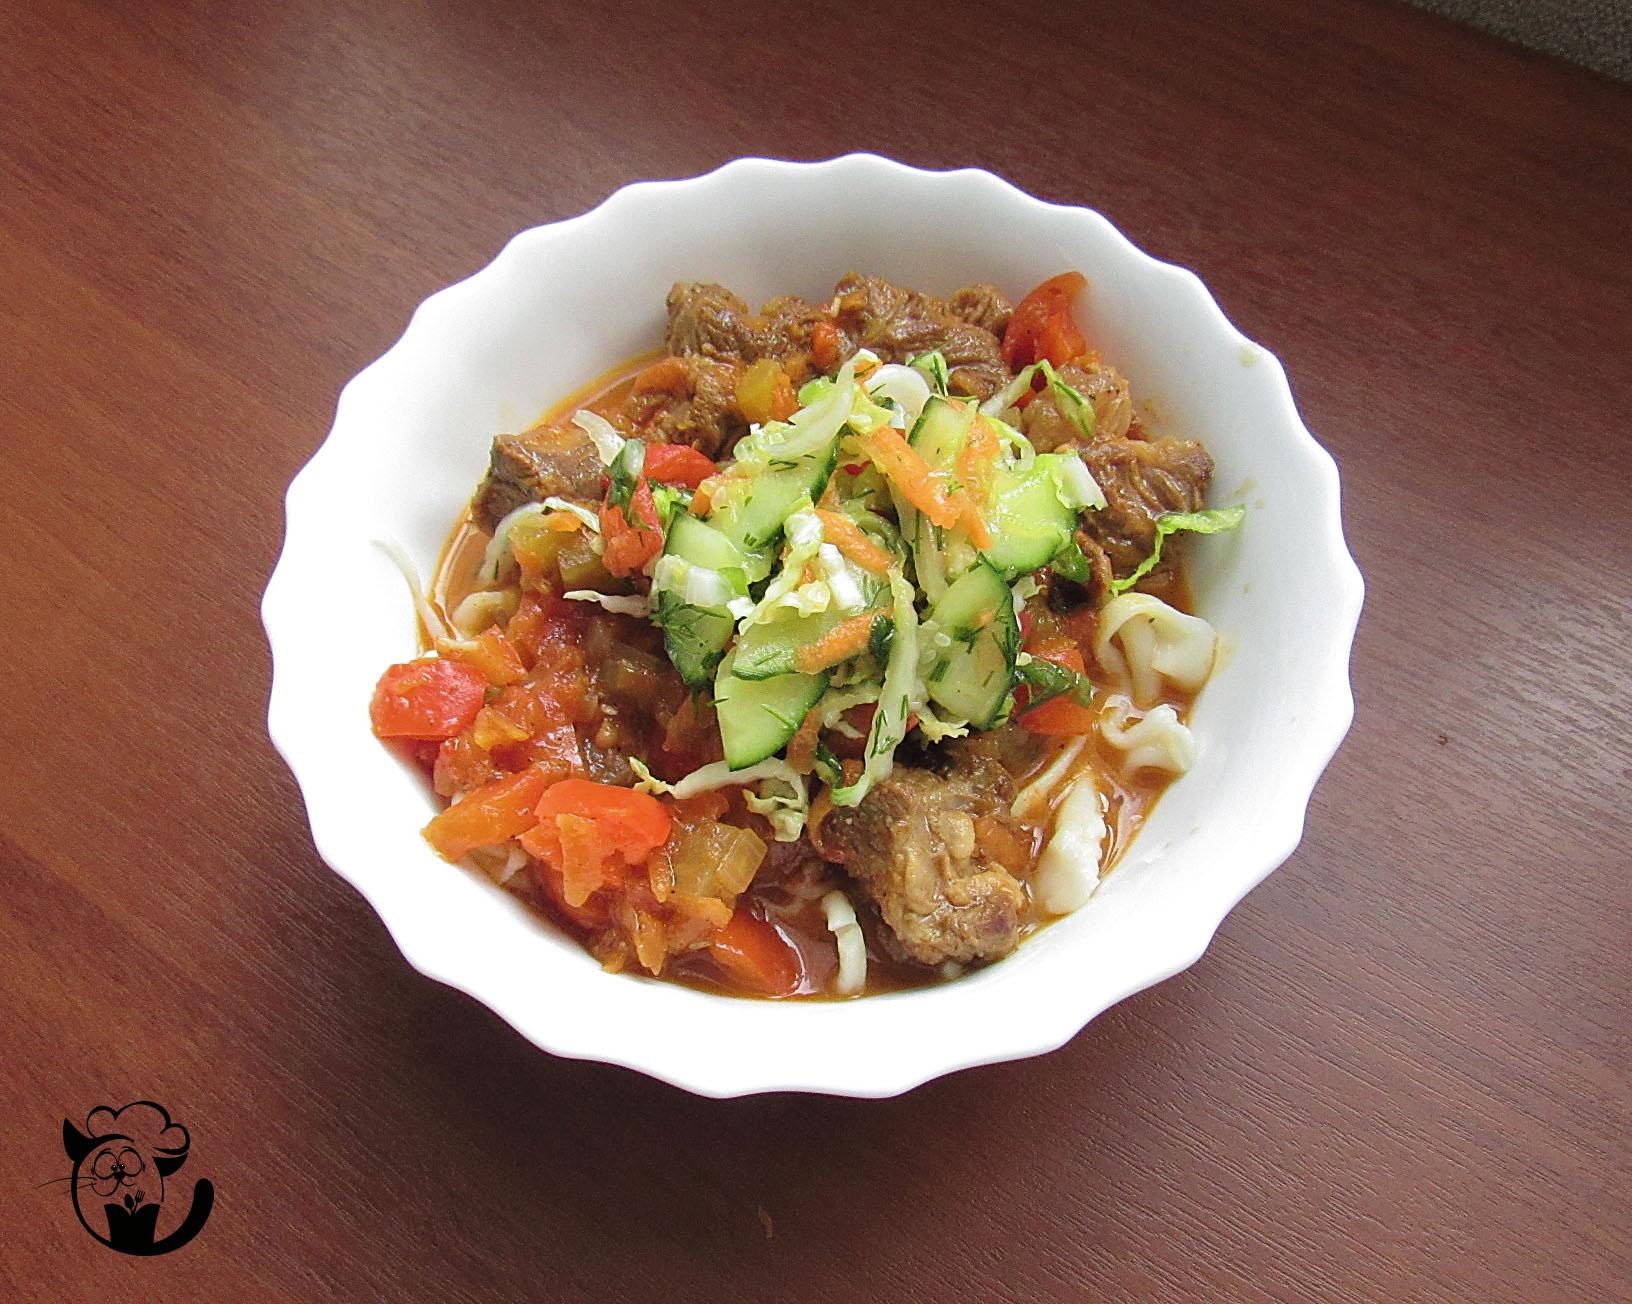 Лагман по уйгурски пошаговый рецепт